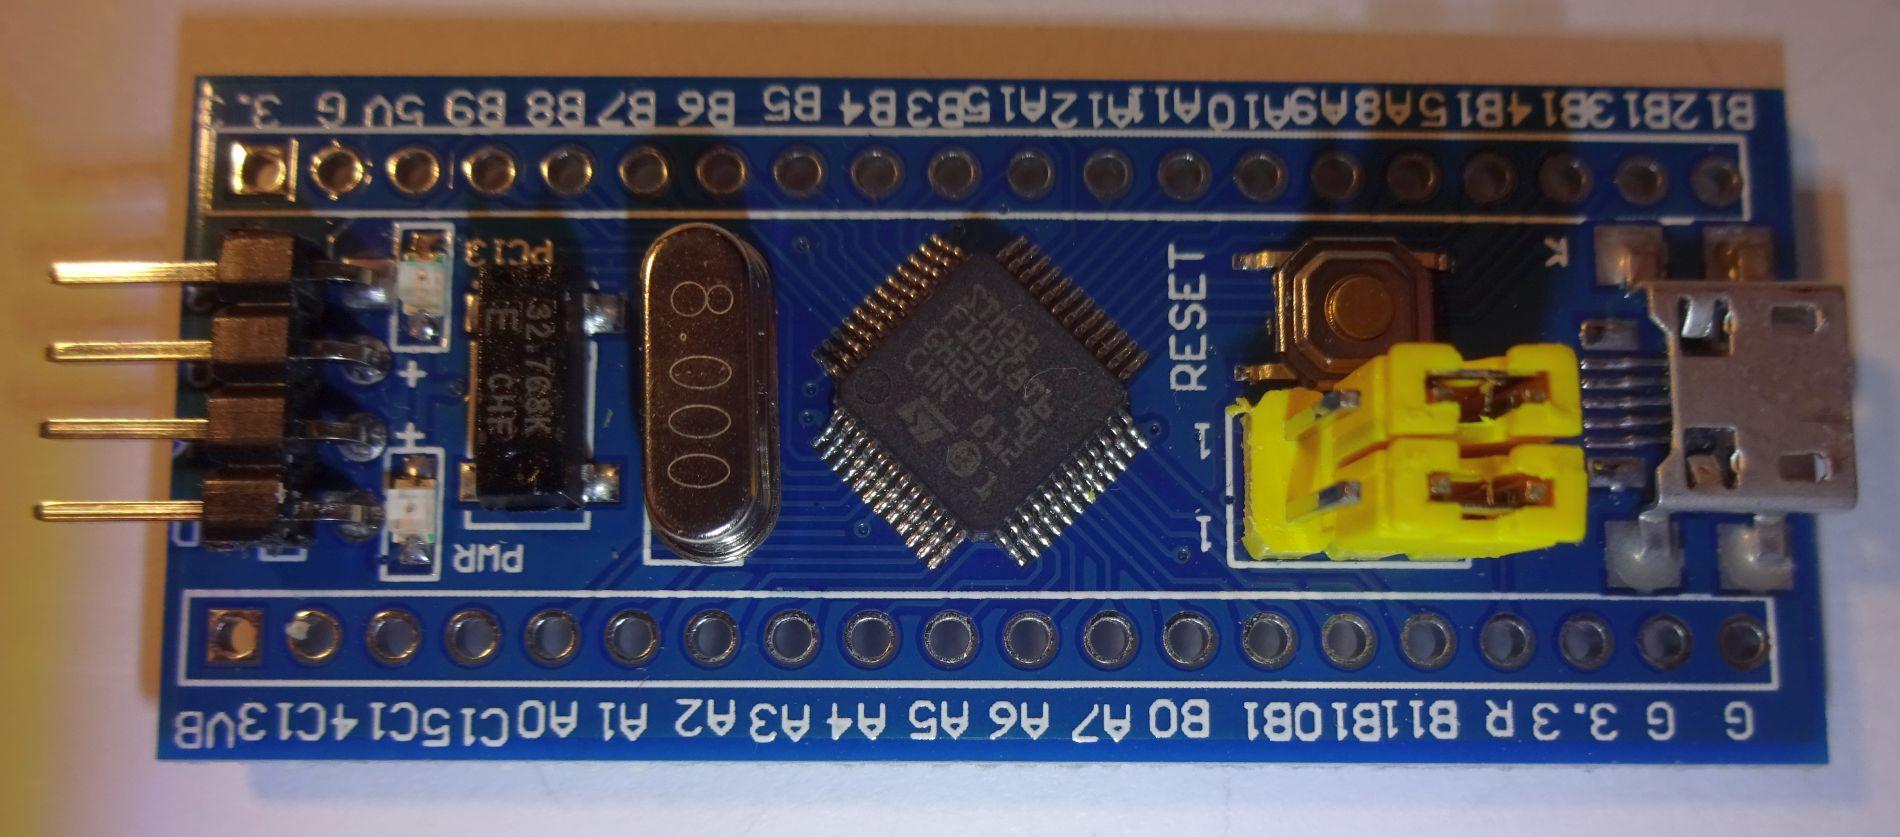 STM32 F103 / Ersteinrichtung